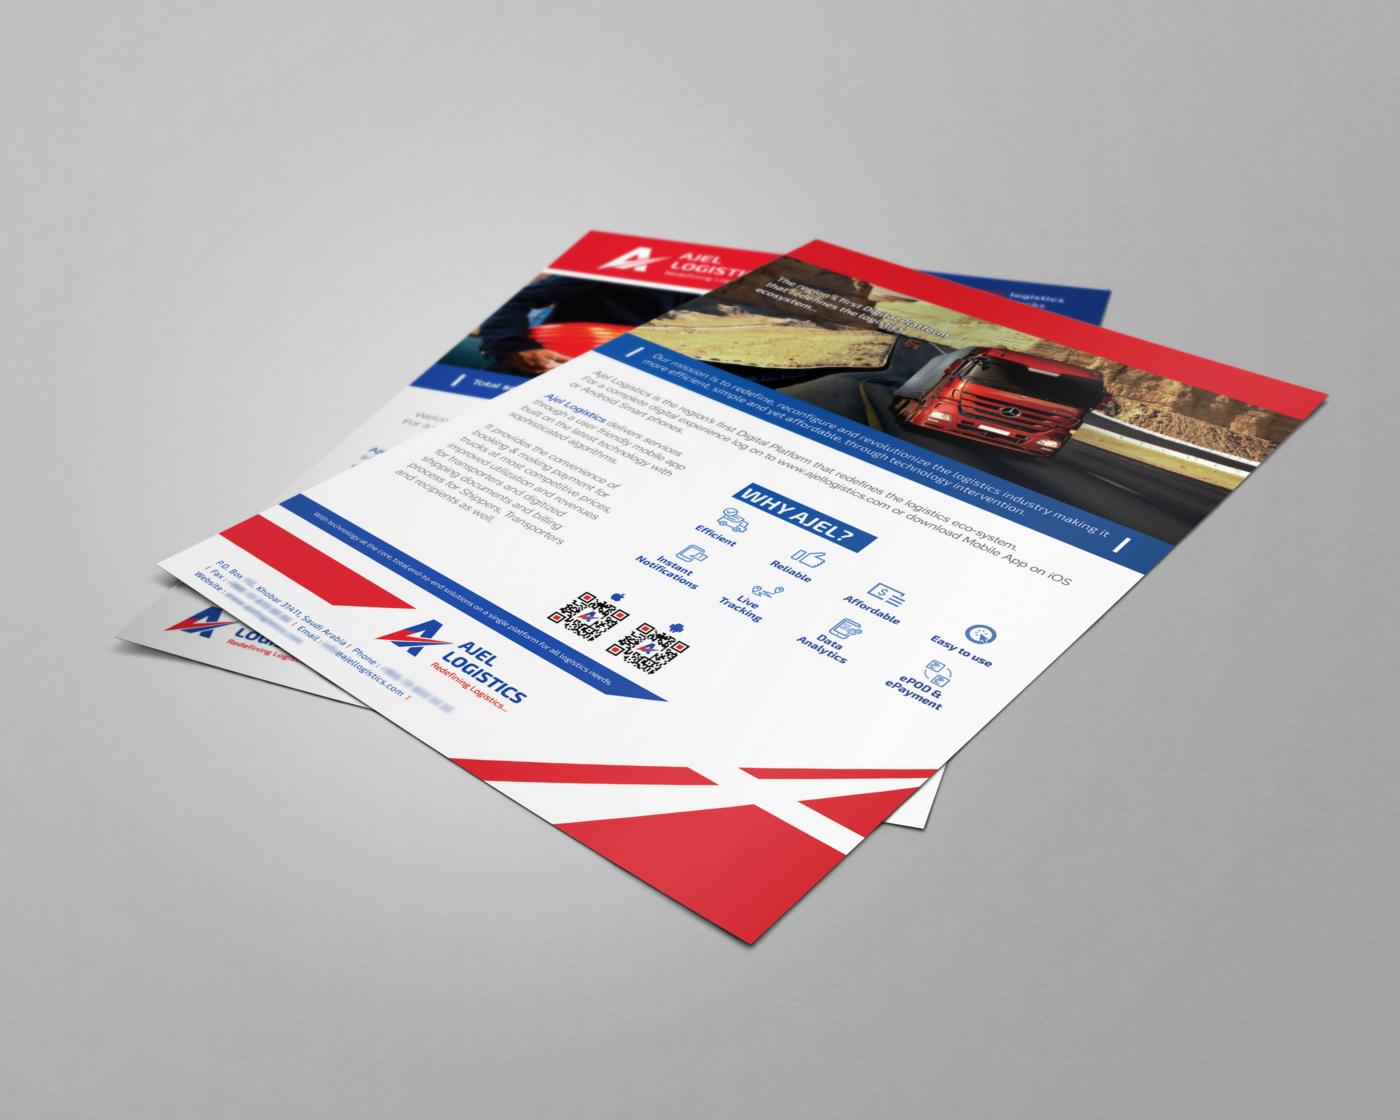 Print (Flyers, posters, brochures, calendars   ) by Soomayah